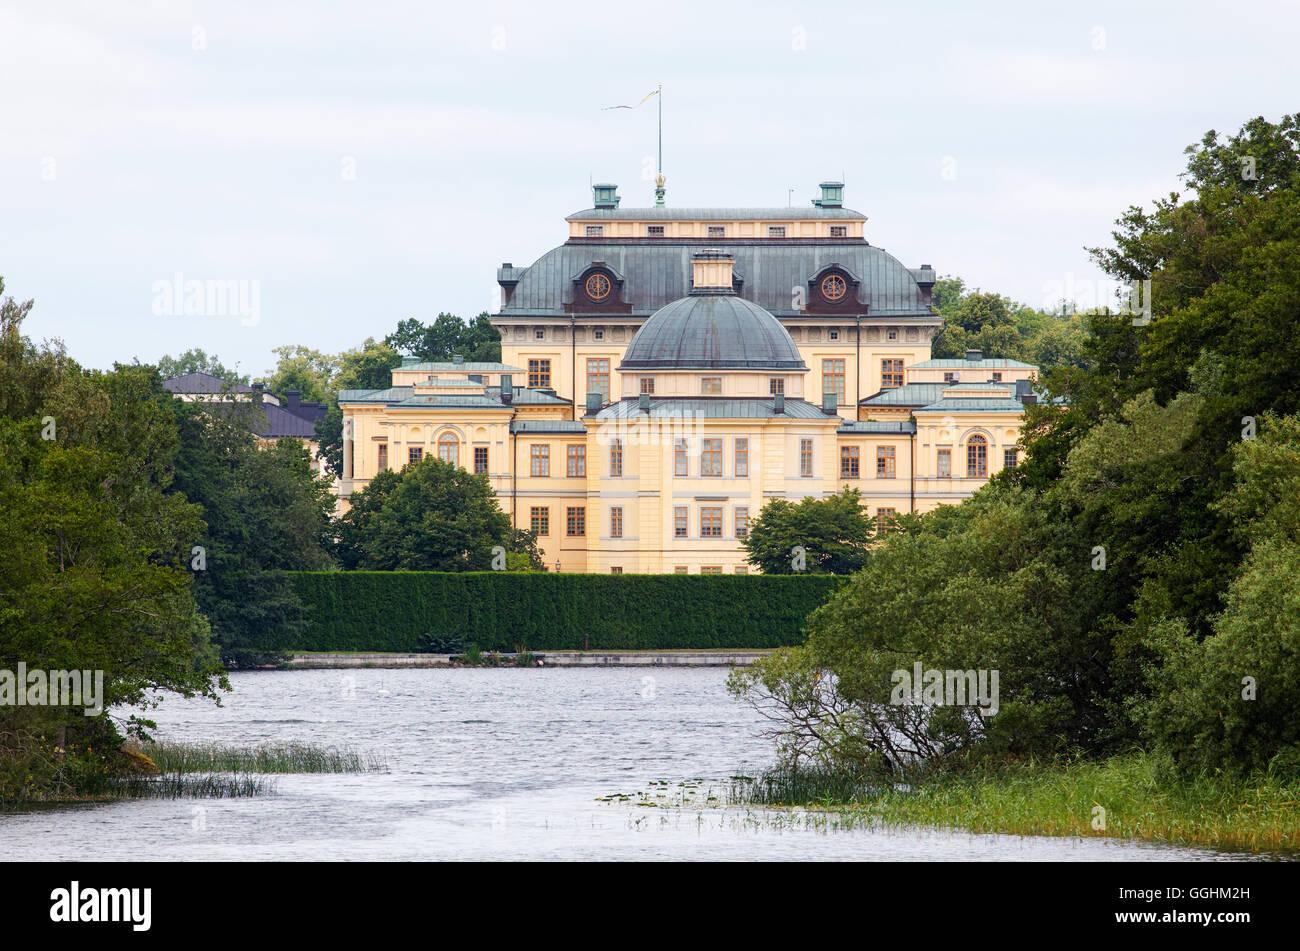 Drottningholm Palace, Stockholm, Sweden - Stock Image